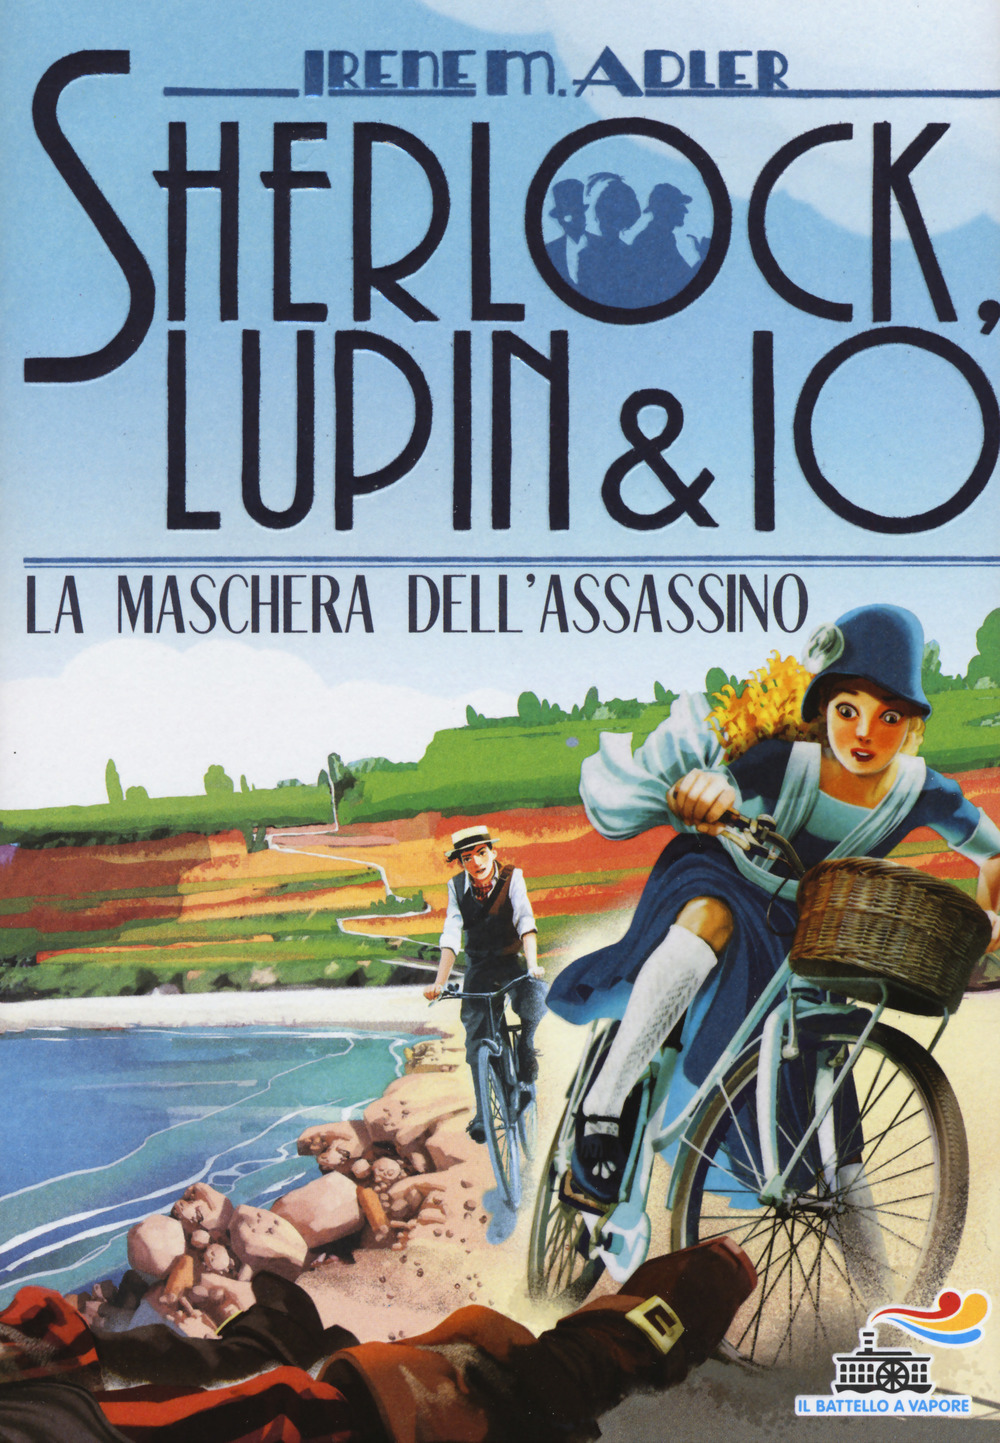 Arredamento D'antiquariato Humble Remiggio Porta Butiglia Vintage Attractive Appearance